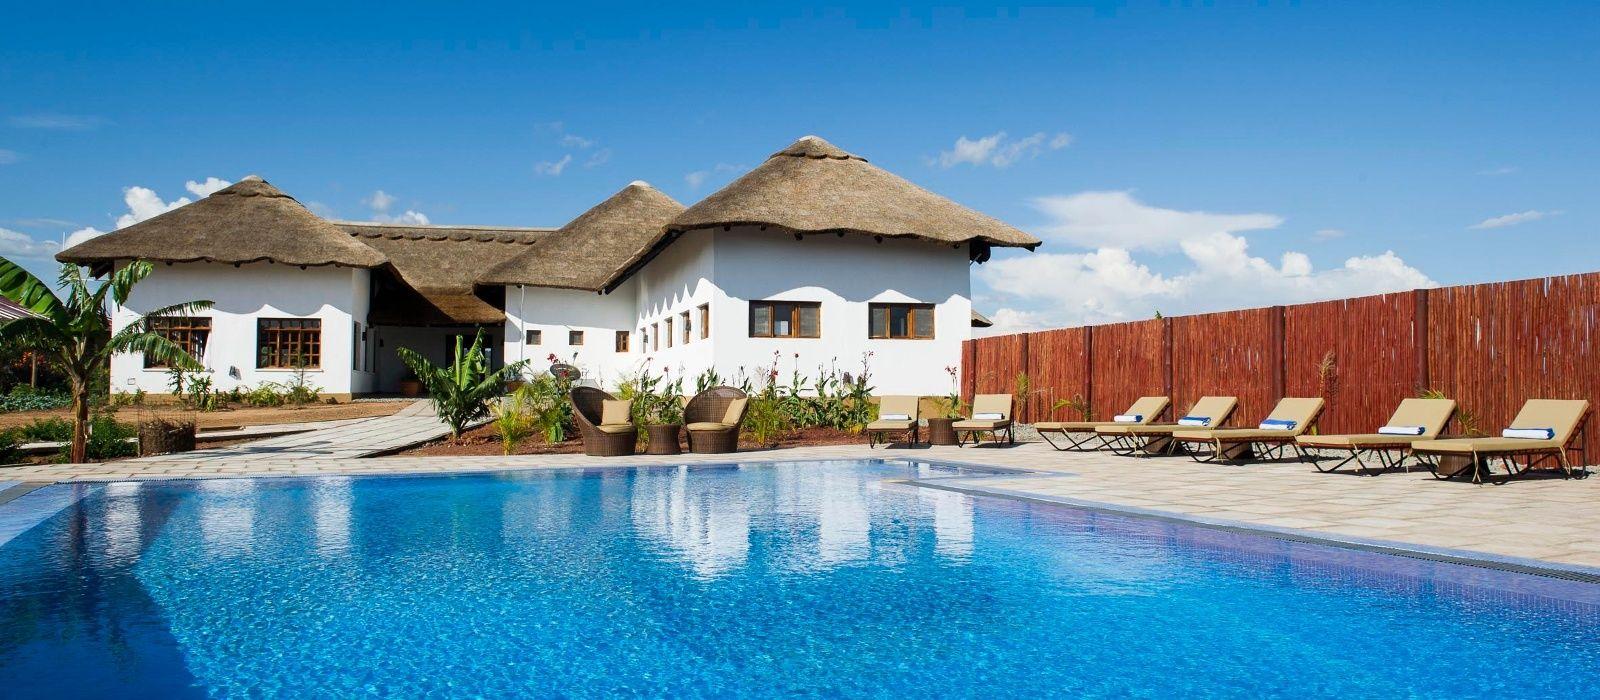 Hotel Farm House Valley Tanzania